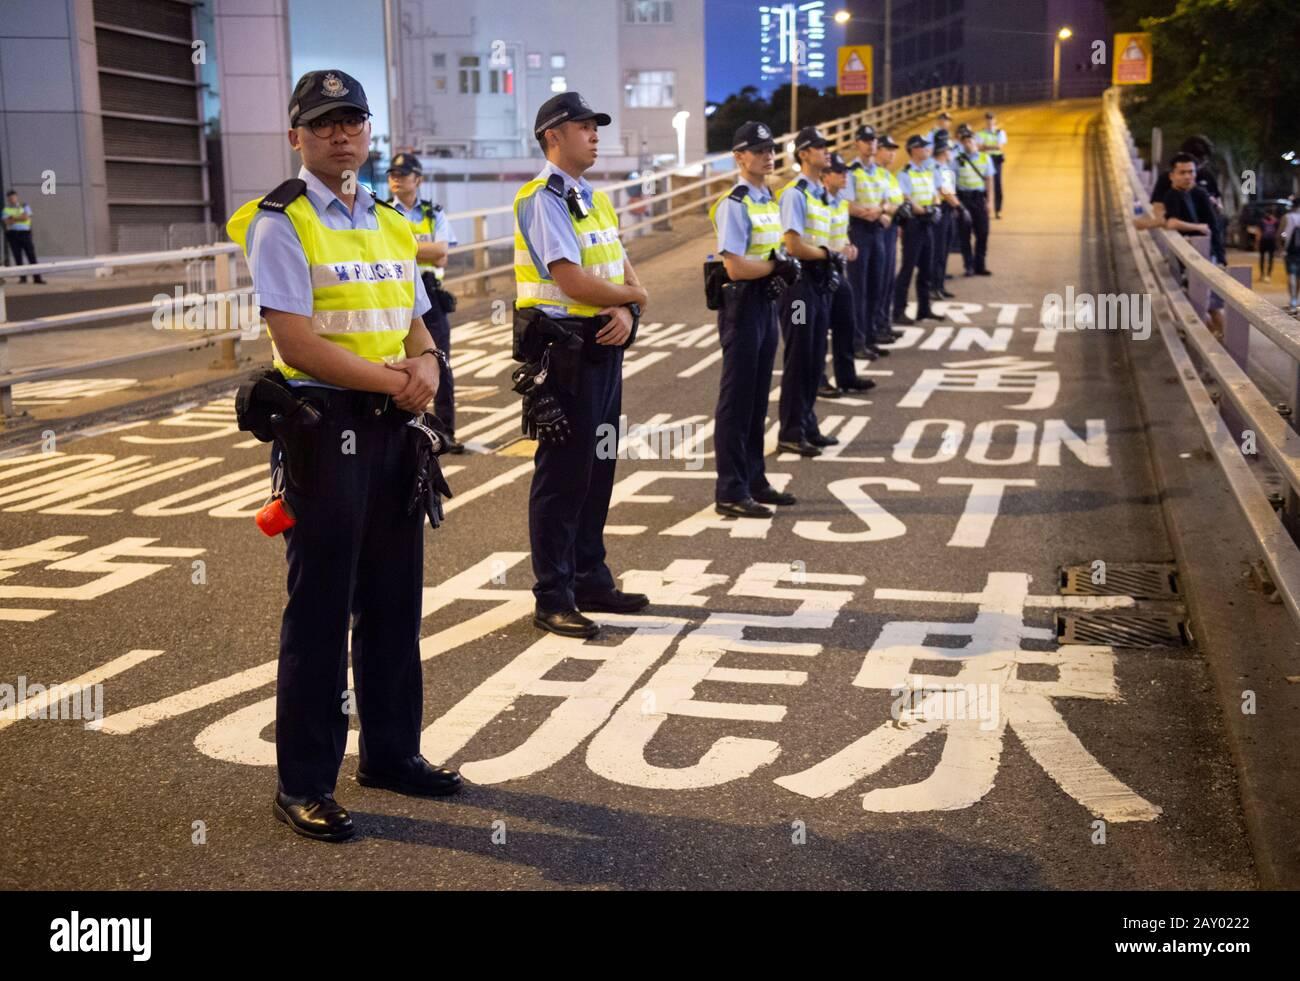 Hong Kong, Chine : 16 Juin 2019. Policier repose sa main sur une bombe de poivre, prêt si un manifestant sort de la ligne.Les Manifestants marchent à travers Wan Banque D'Images